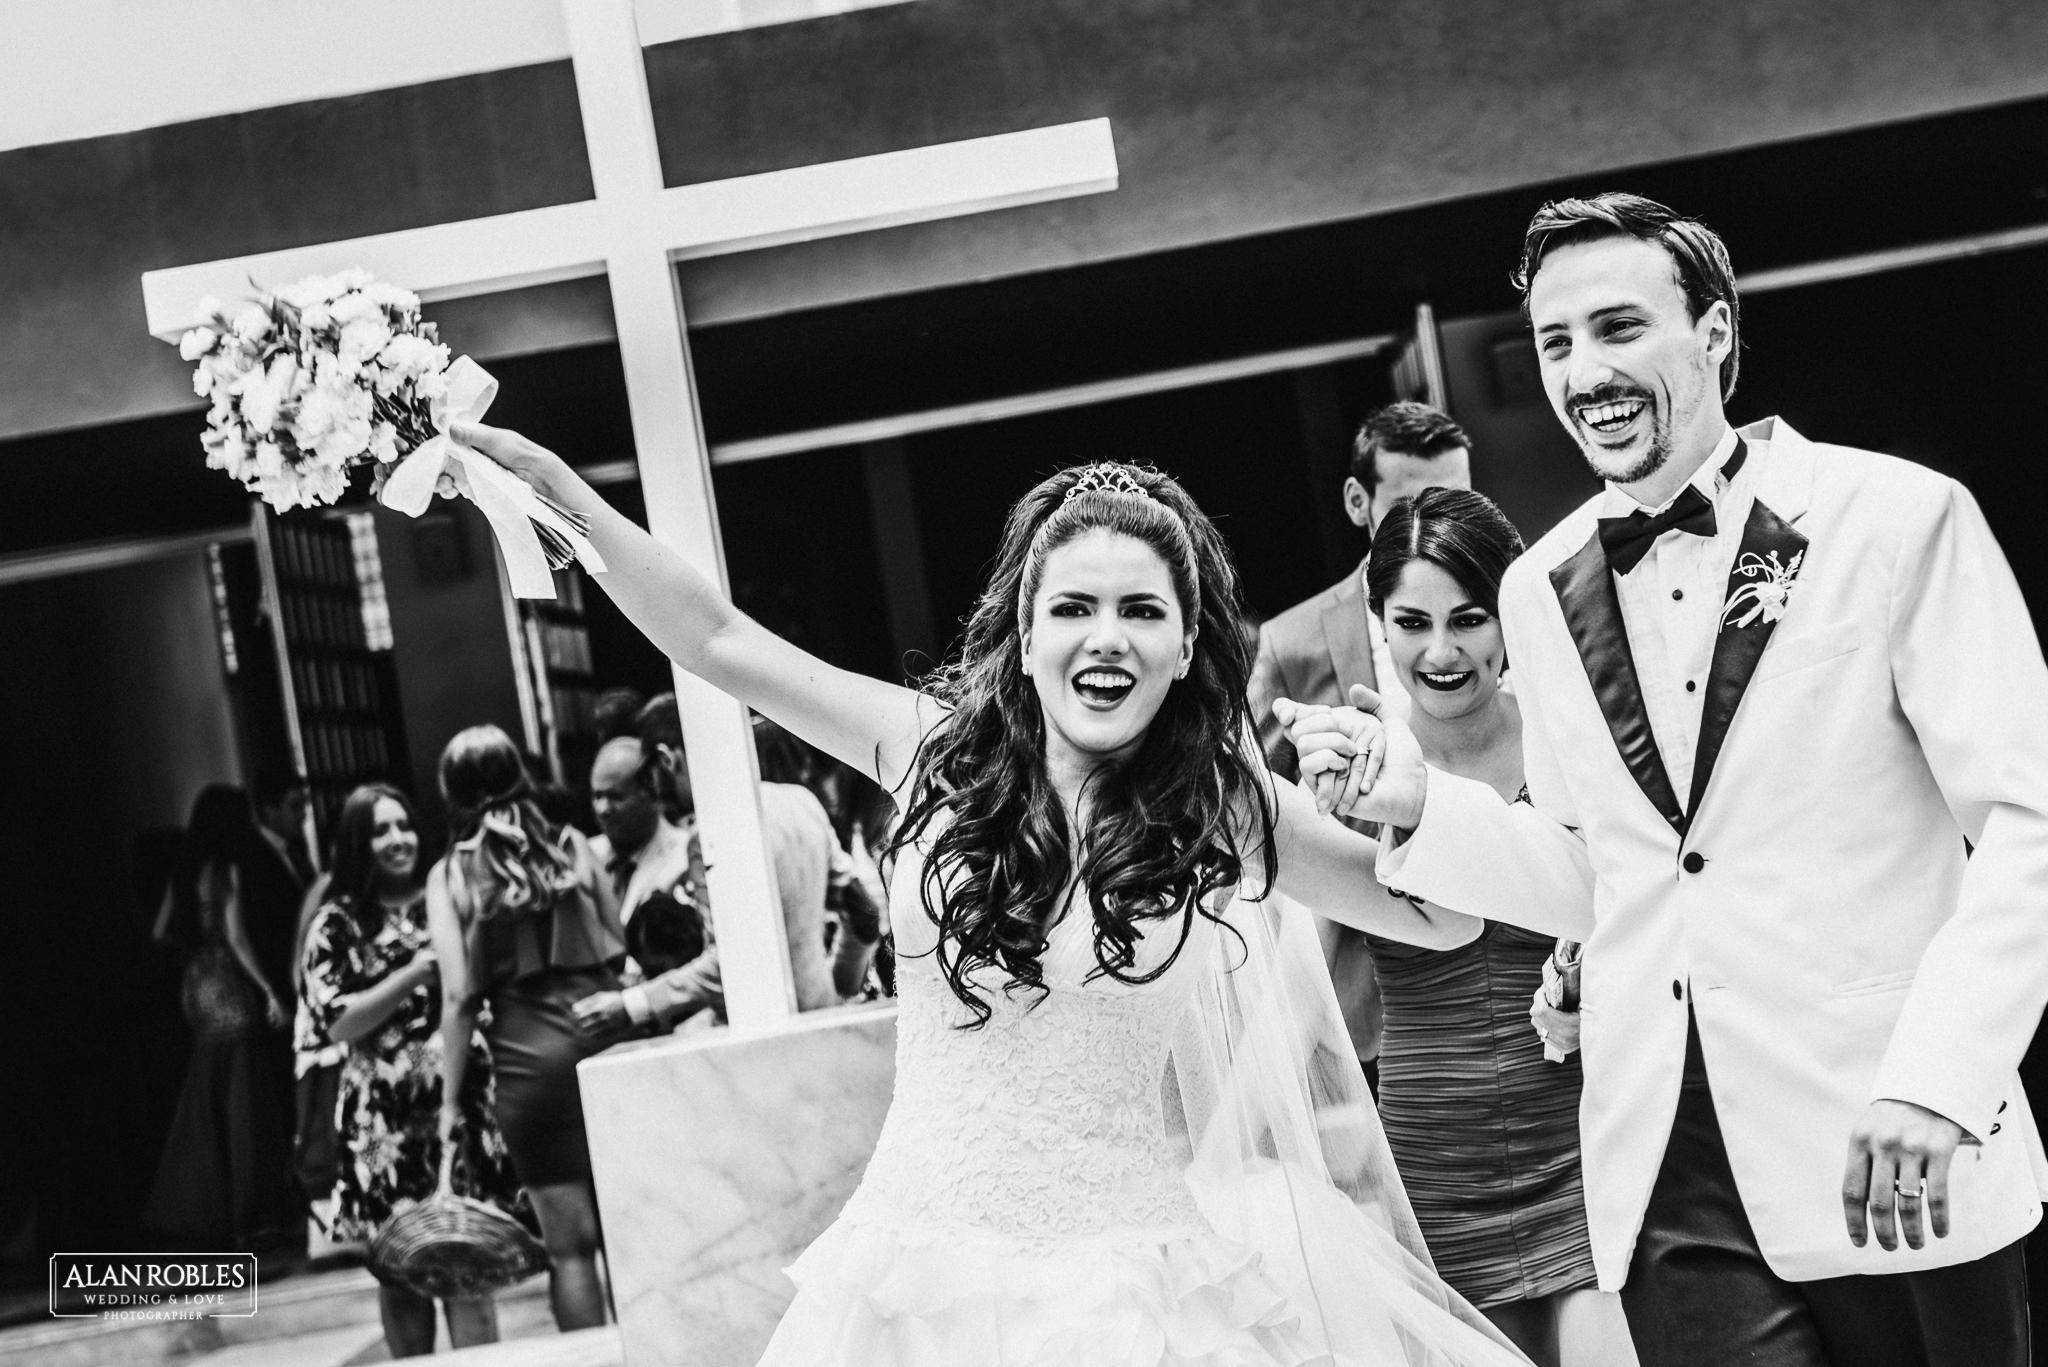 Novios festejando sonrientes, novia con ramo. Nuestra señora de las bugambilias en Guadalajara. Fotografo de bodas Alan Robles.